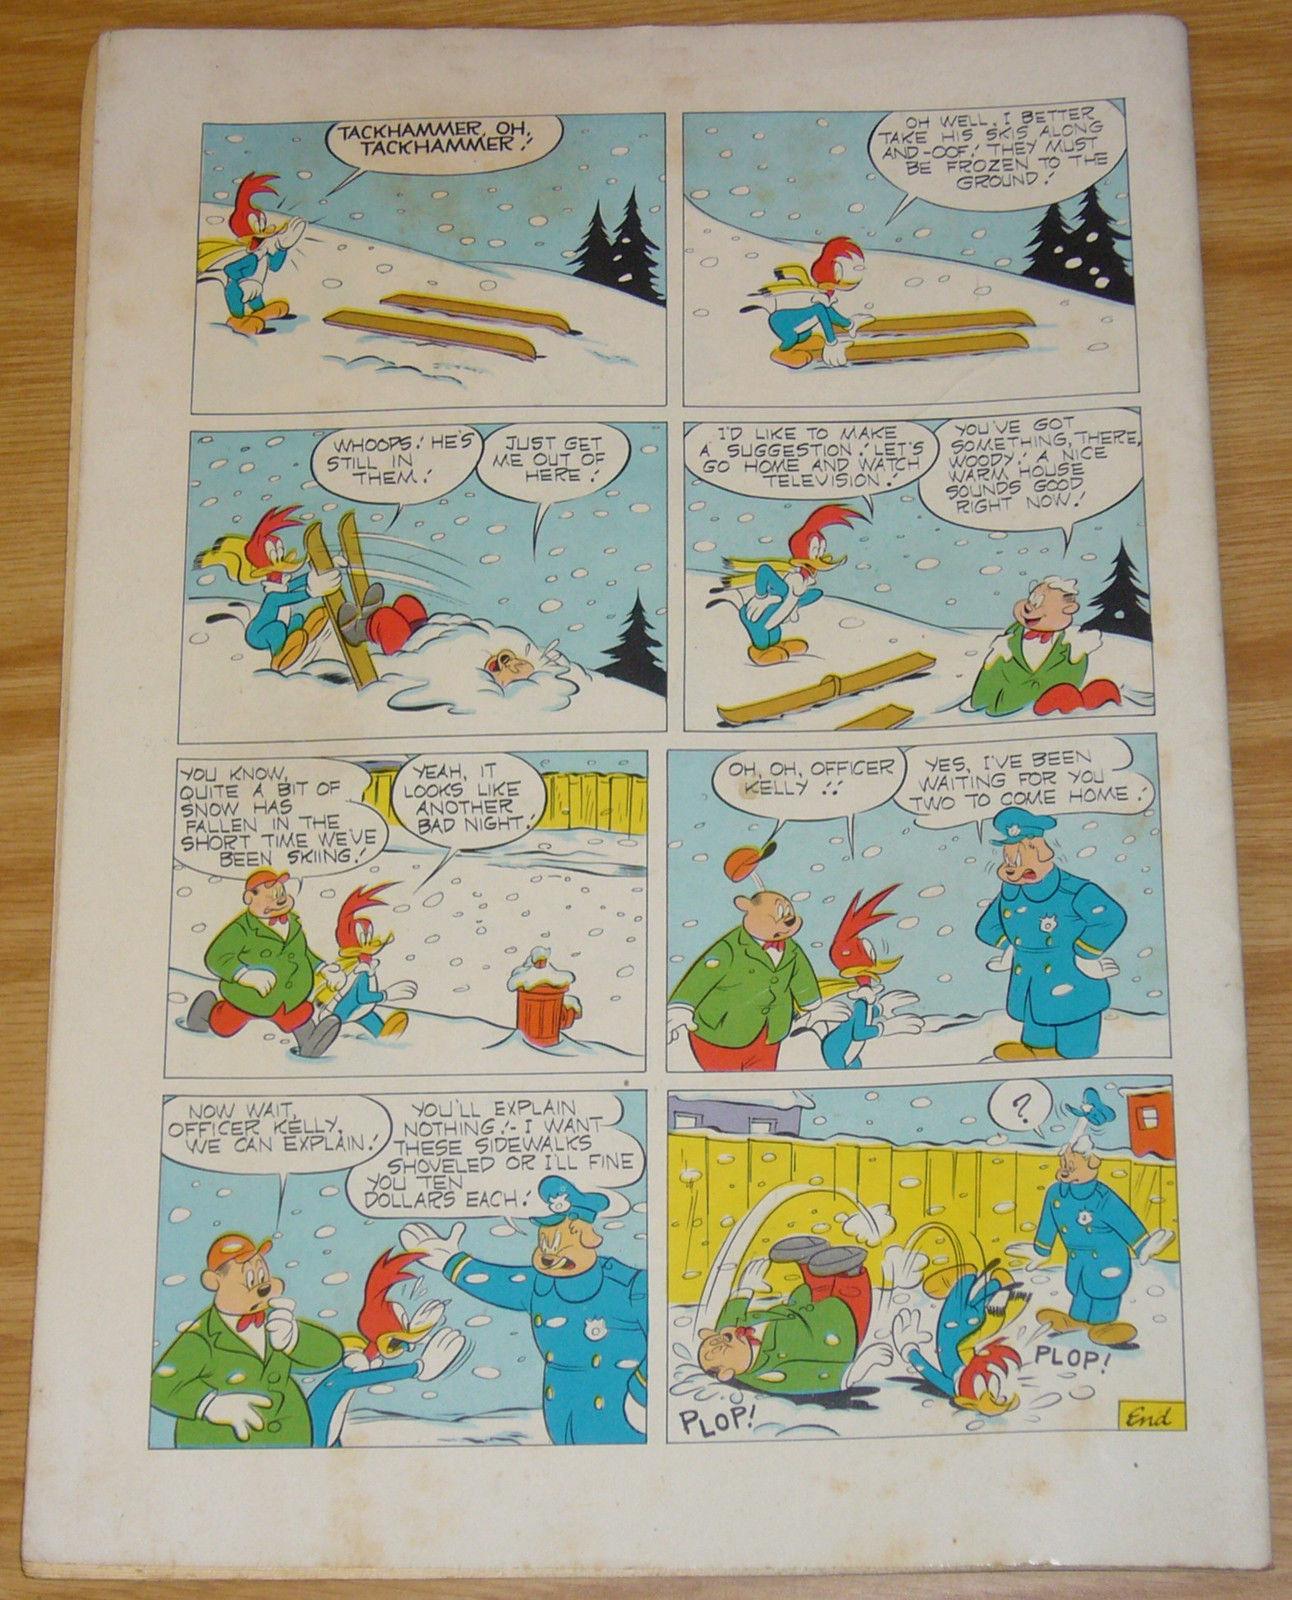 Walter Lantz Woody Woodpecker #16 FN+ december-january 1953